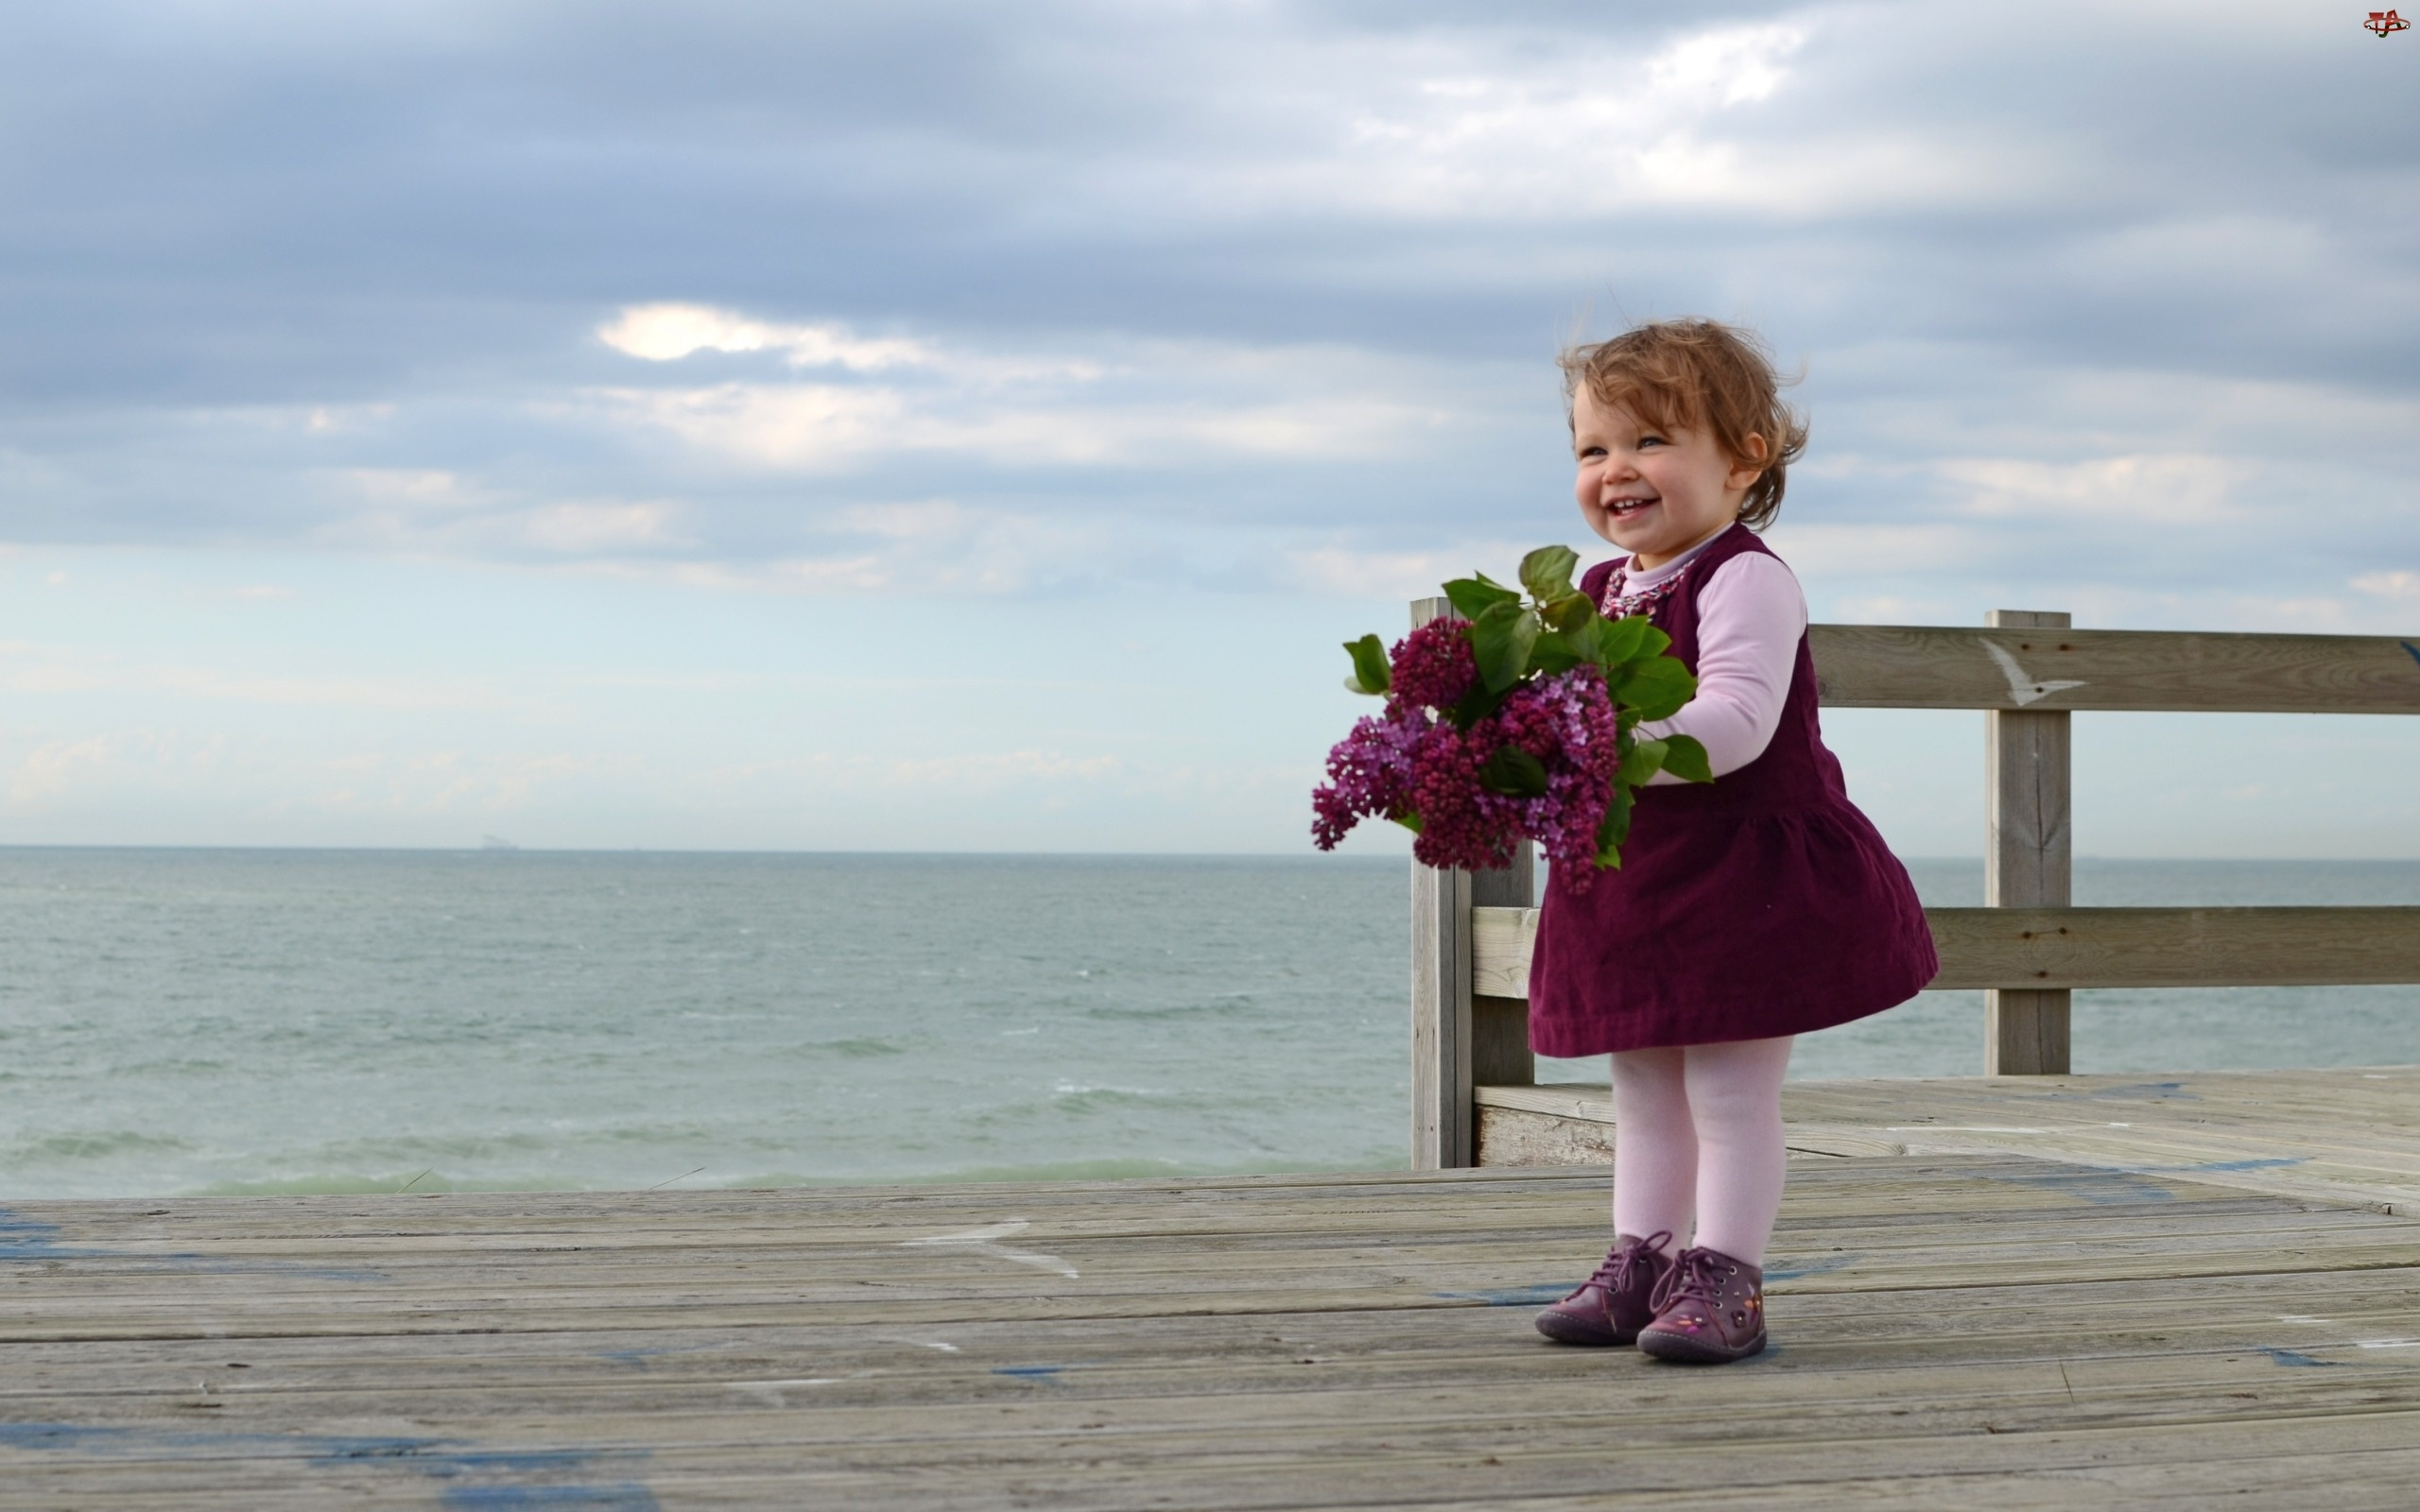 Kwiaty, Mała, Dziewczynka